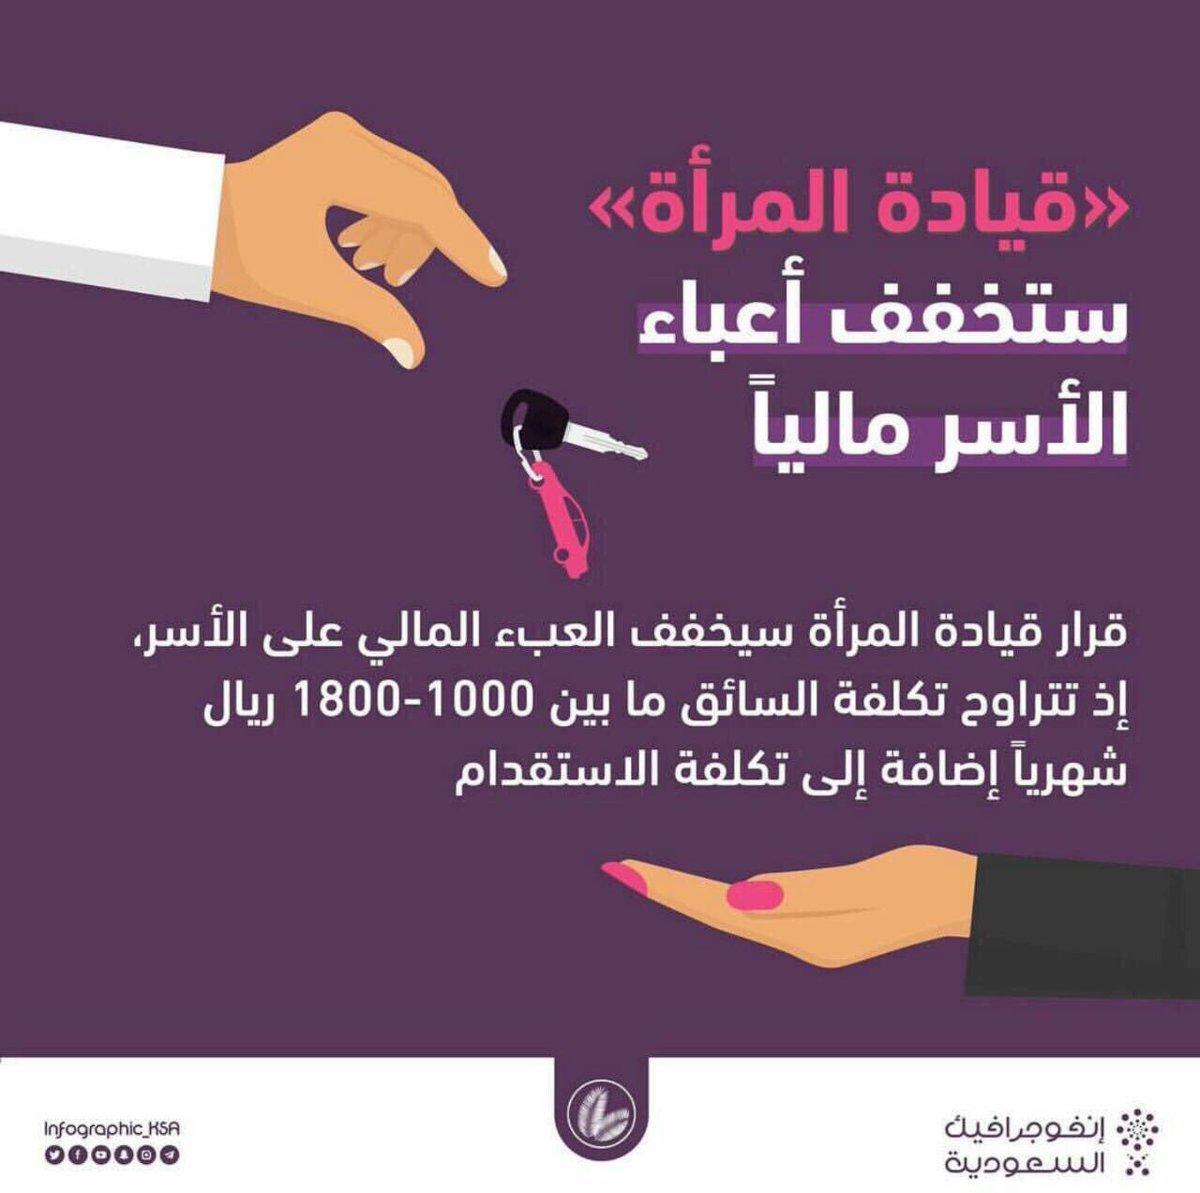 عبدالرحمن السليس On Twitter قيادة المرأة حق كفله النظام